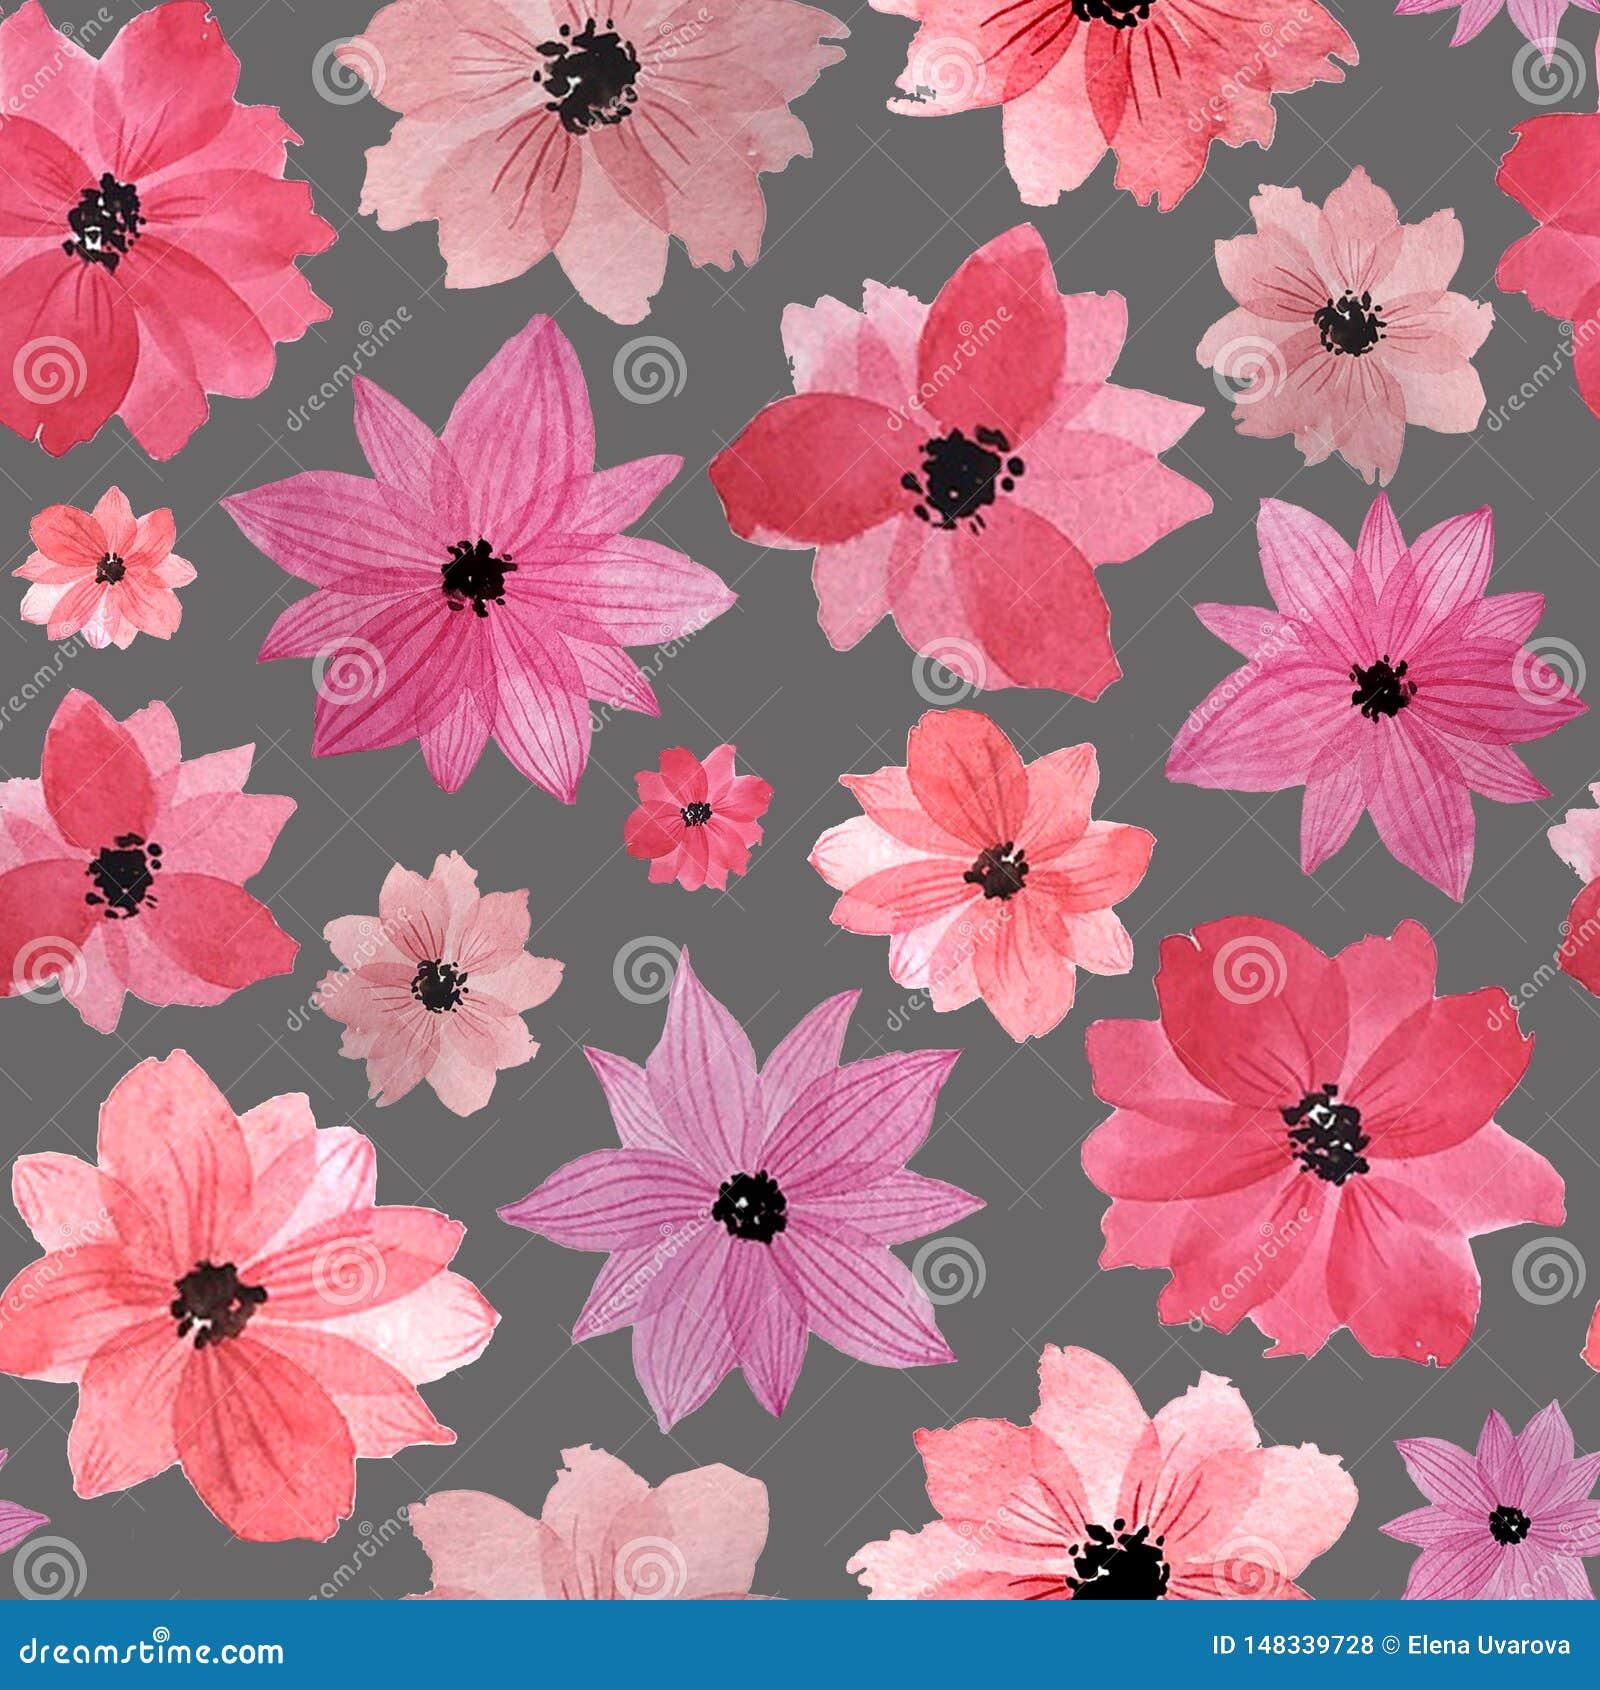 Wz?r pisze kwiaty ja obrazu obrazka akwarela